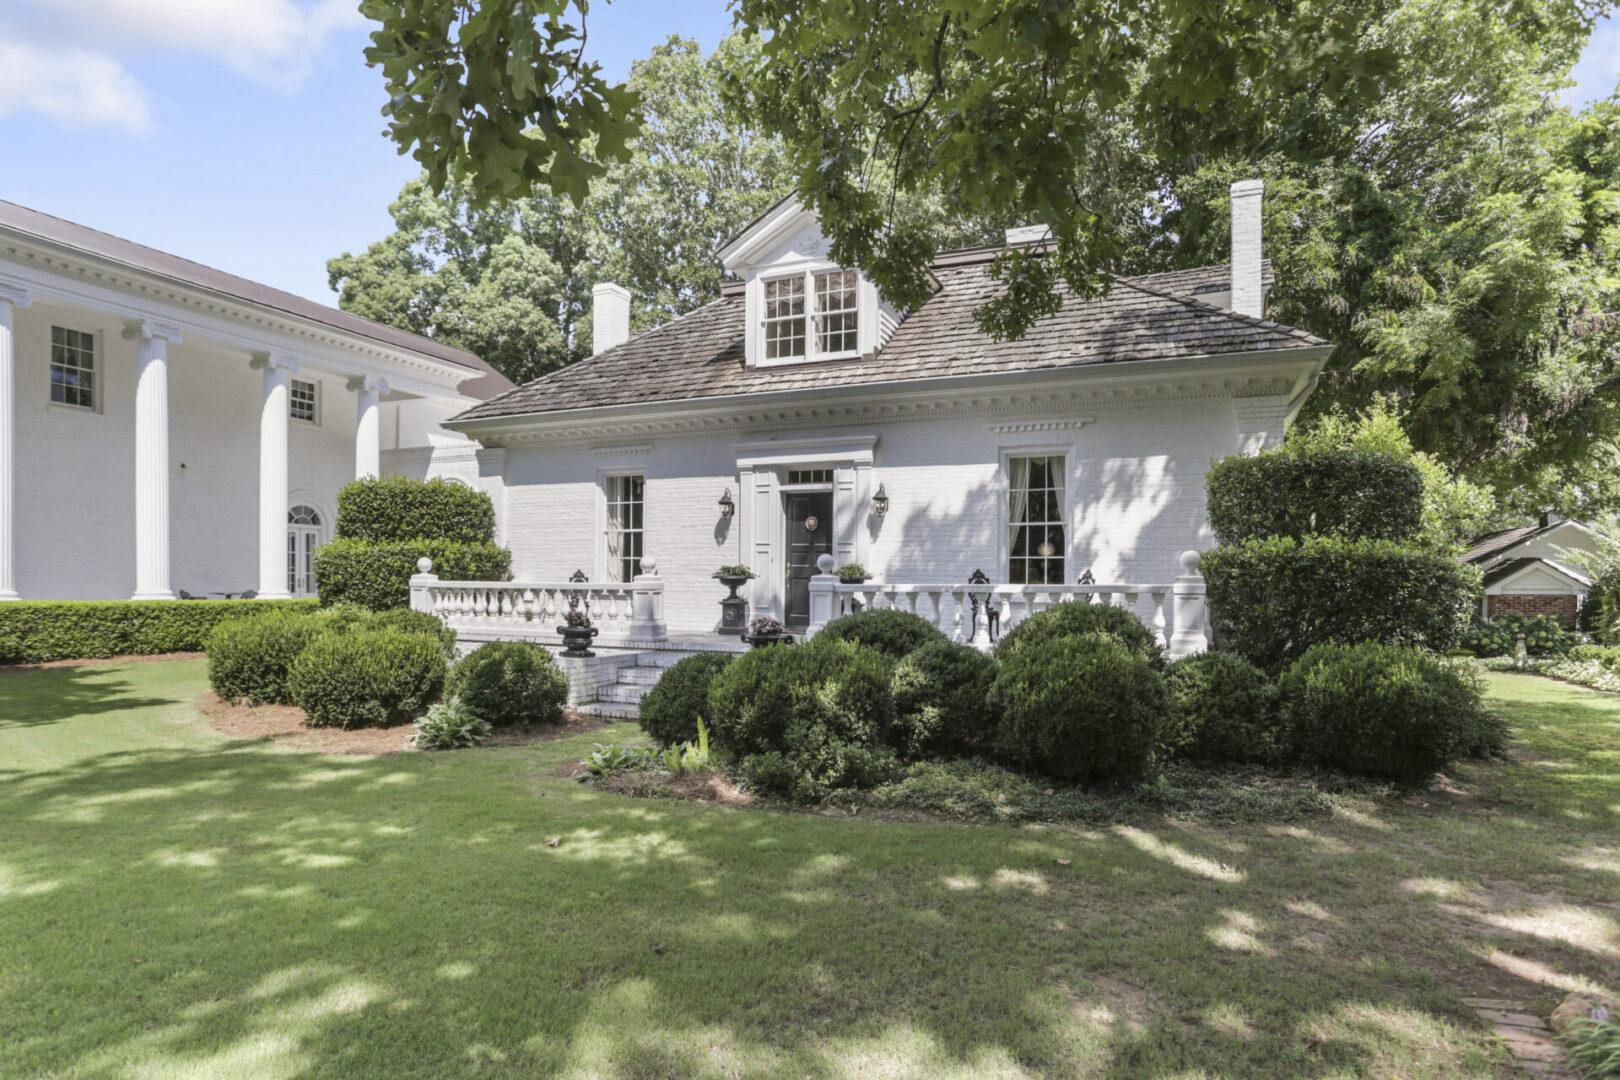 Rustic 1840's farm home at Serenata Farm in Madison, GA